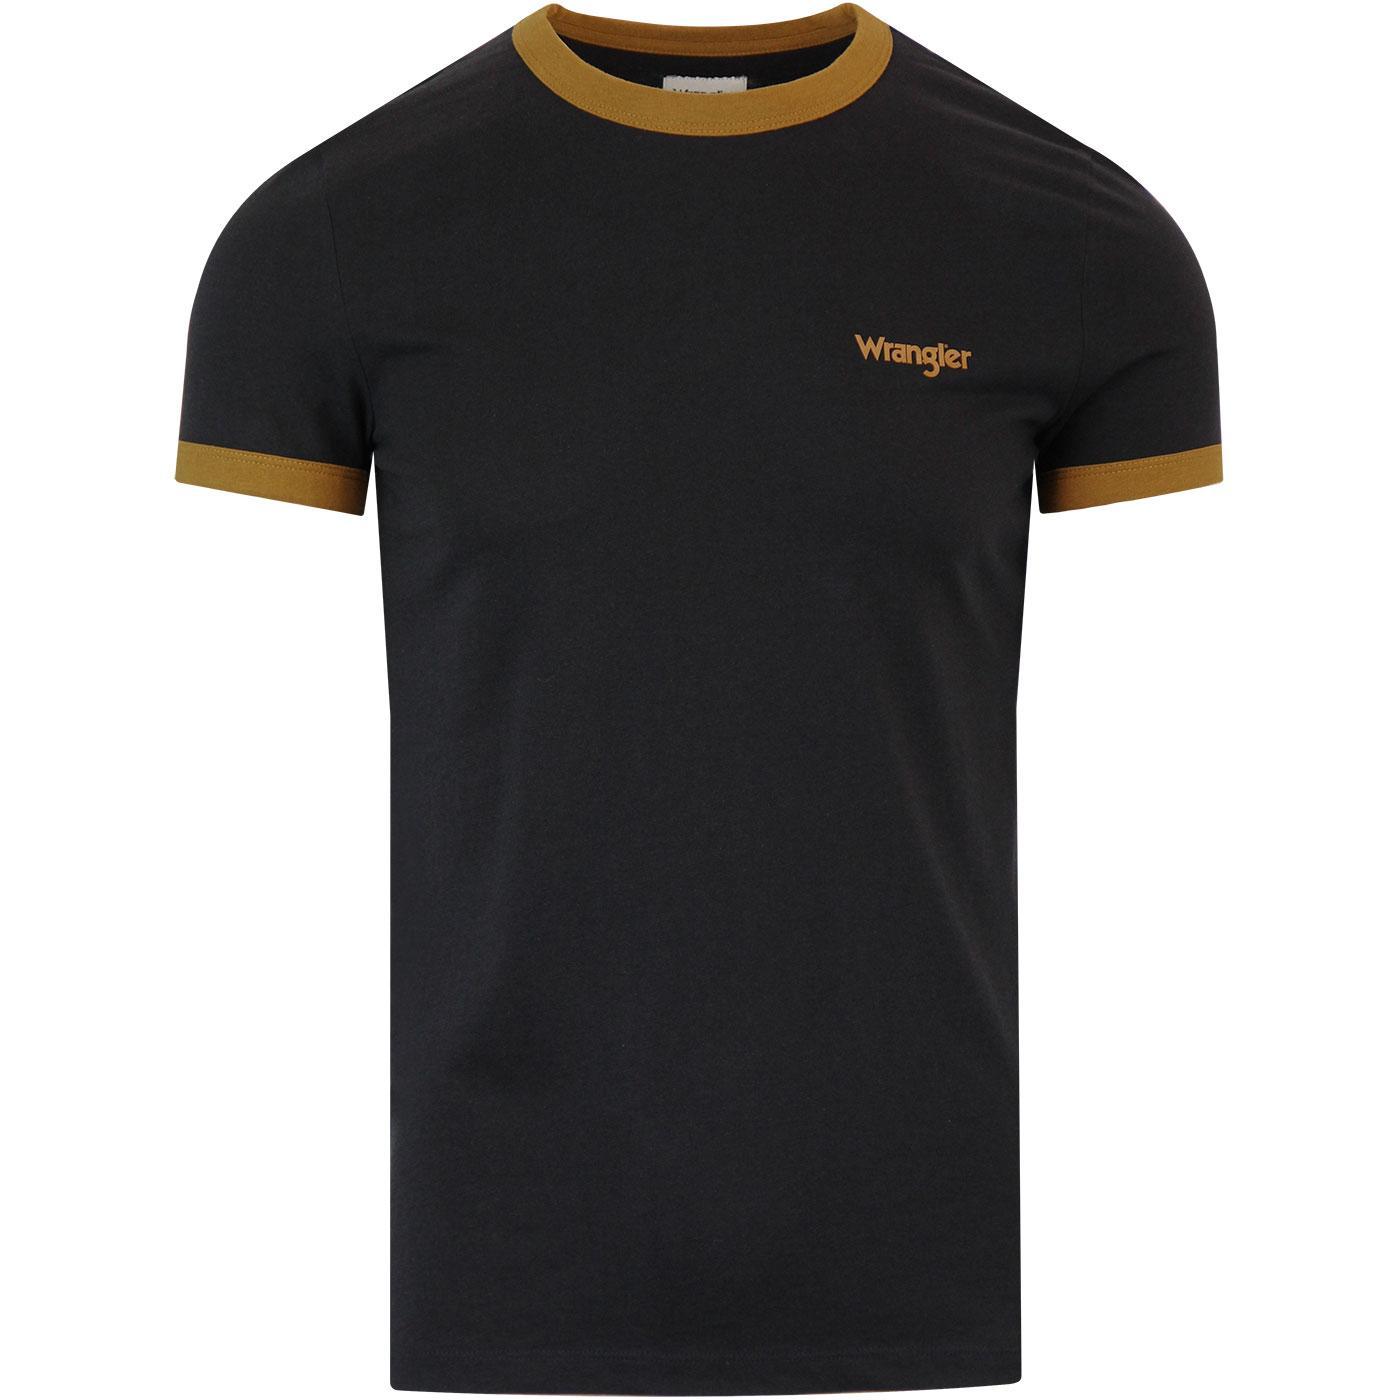 WRANGLER Retro 1970s Indie Ringer T-shirt (Black)